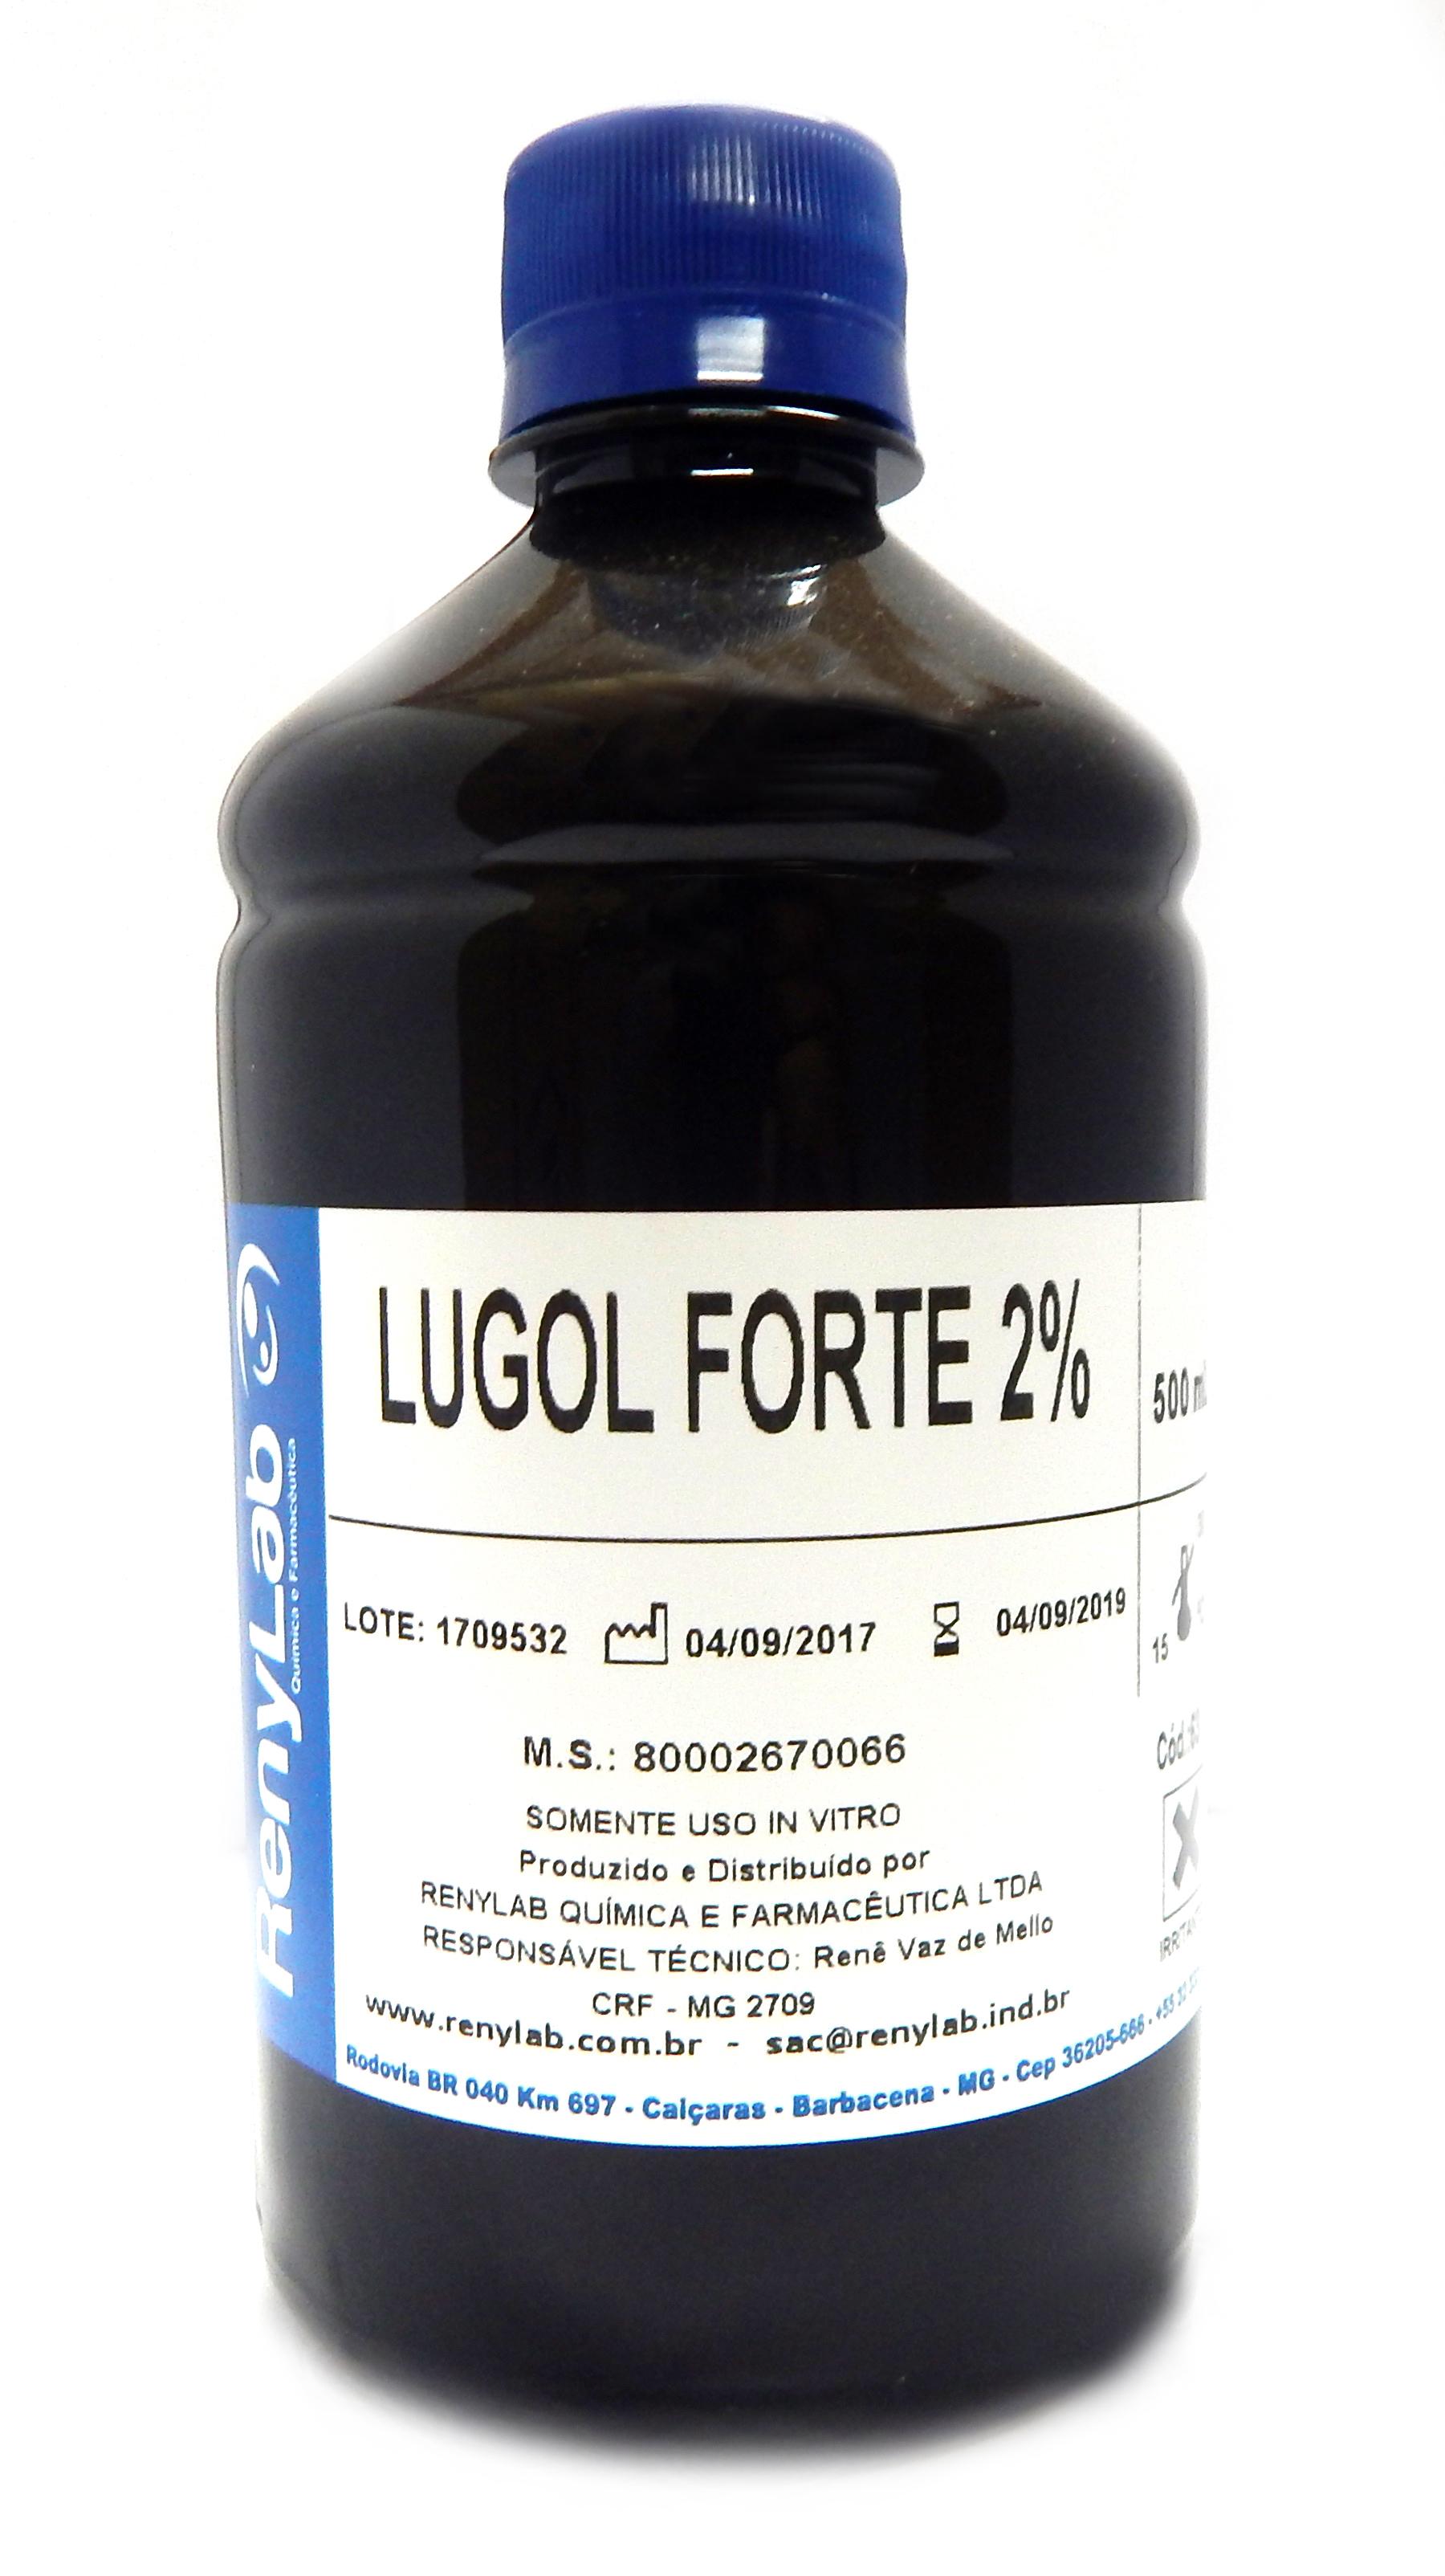 Lugol Forte 2%